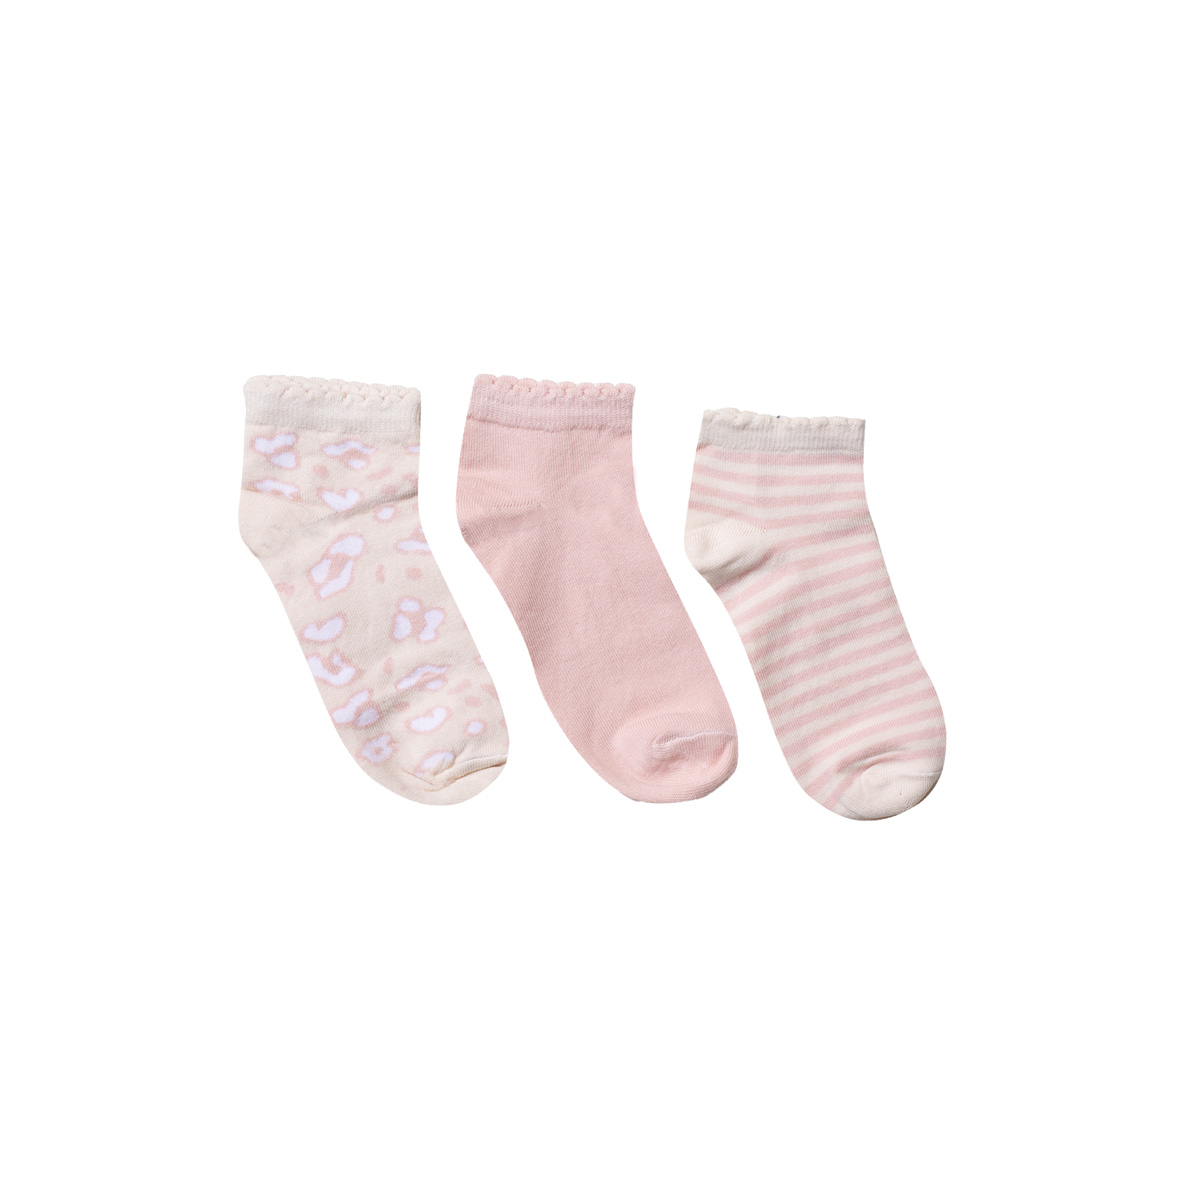 Dekliške stopalke, svetlo roza